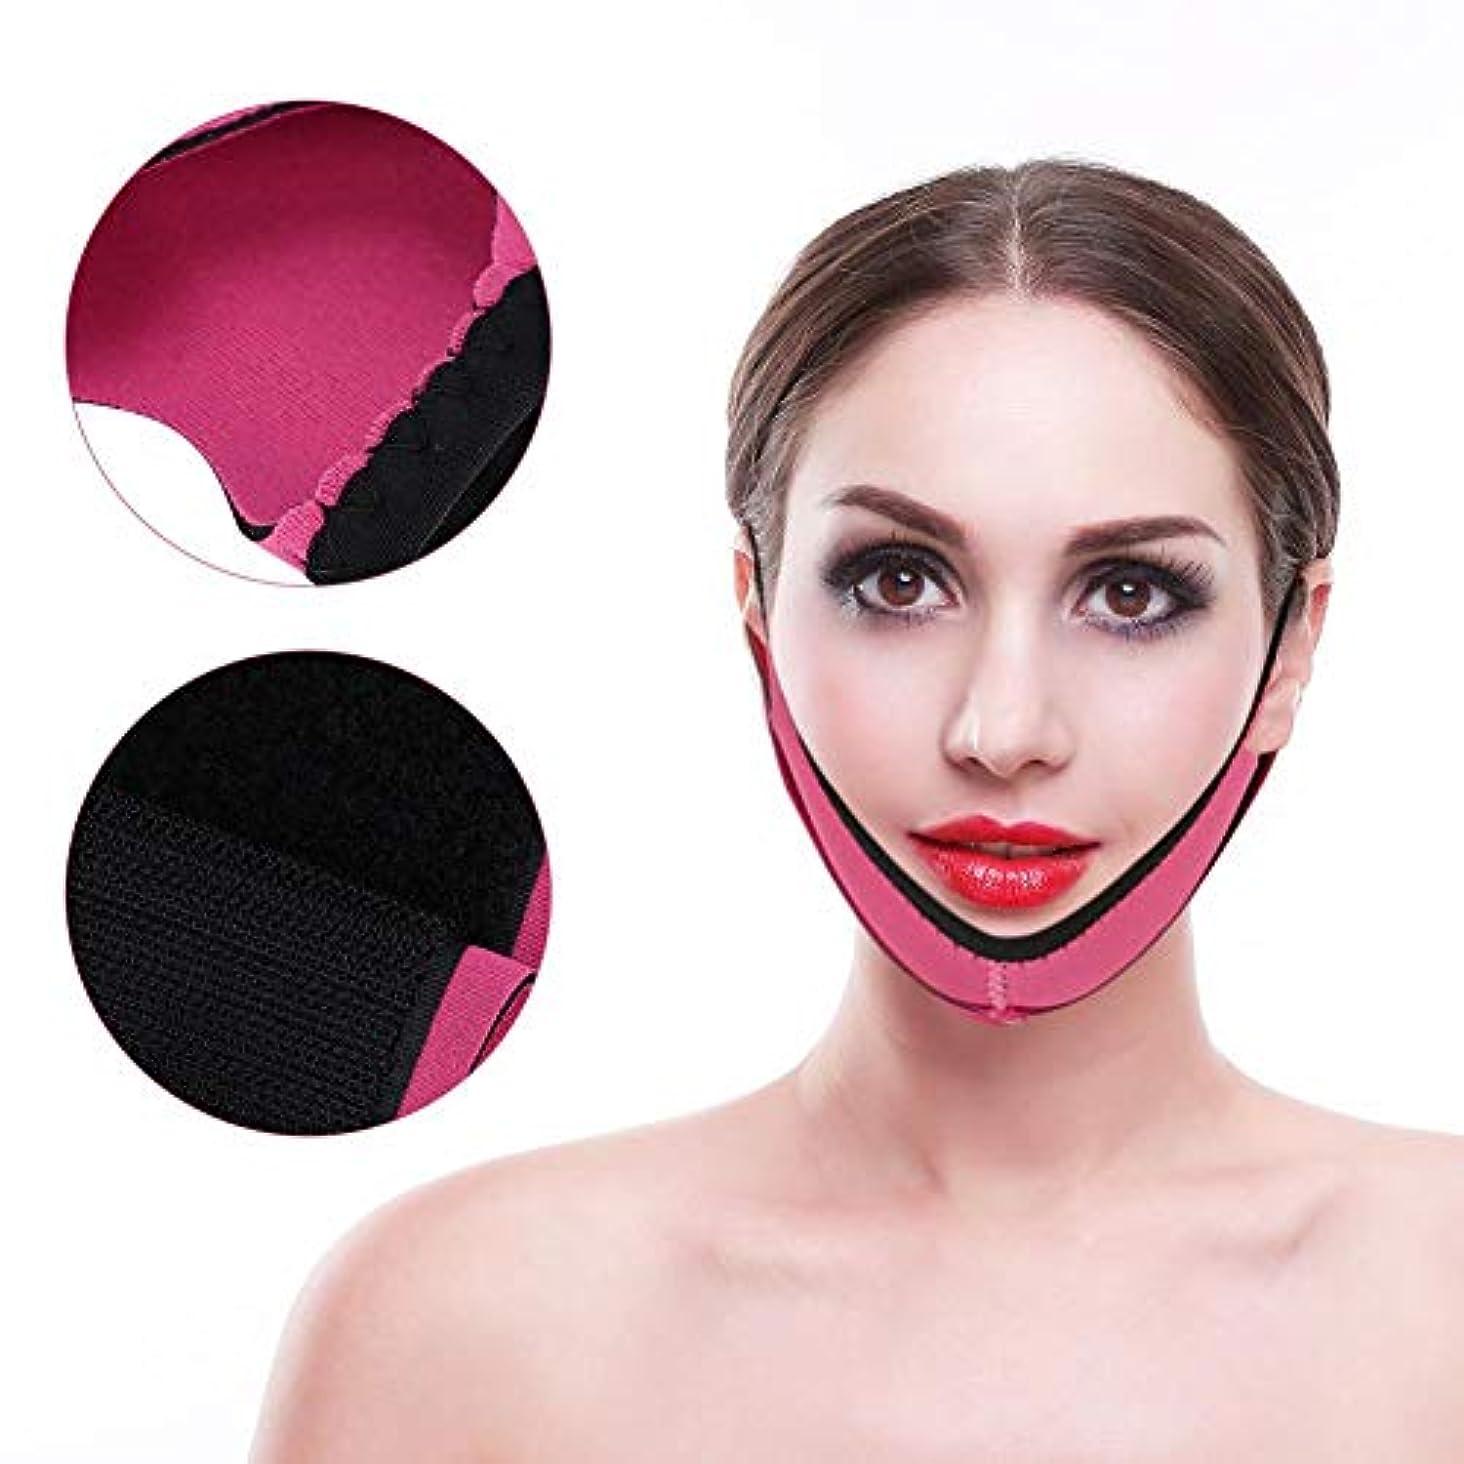 着飾る無一文ピンポイントVフェイスラインベルト、超薄型ストラップバンドVフェイスラインベルトは、二重あごと顔面筋の弛緩を効果的に改善します。